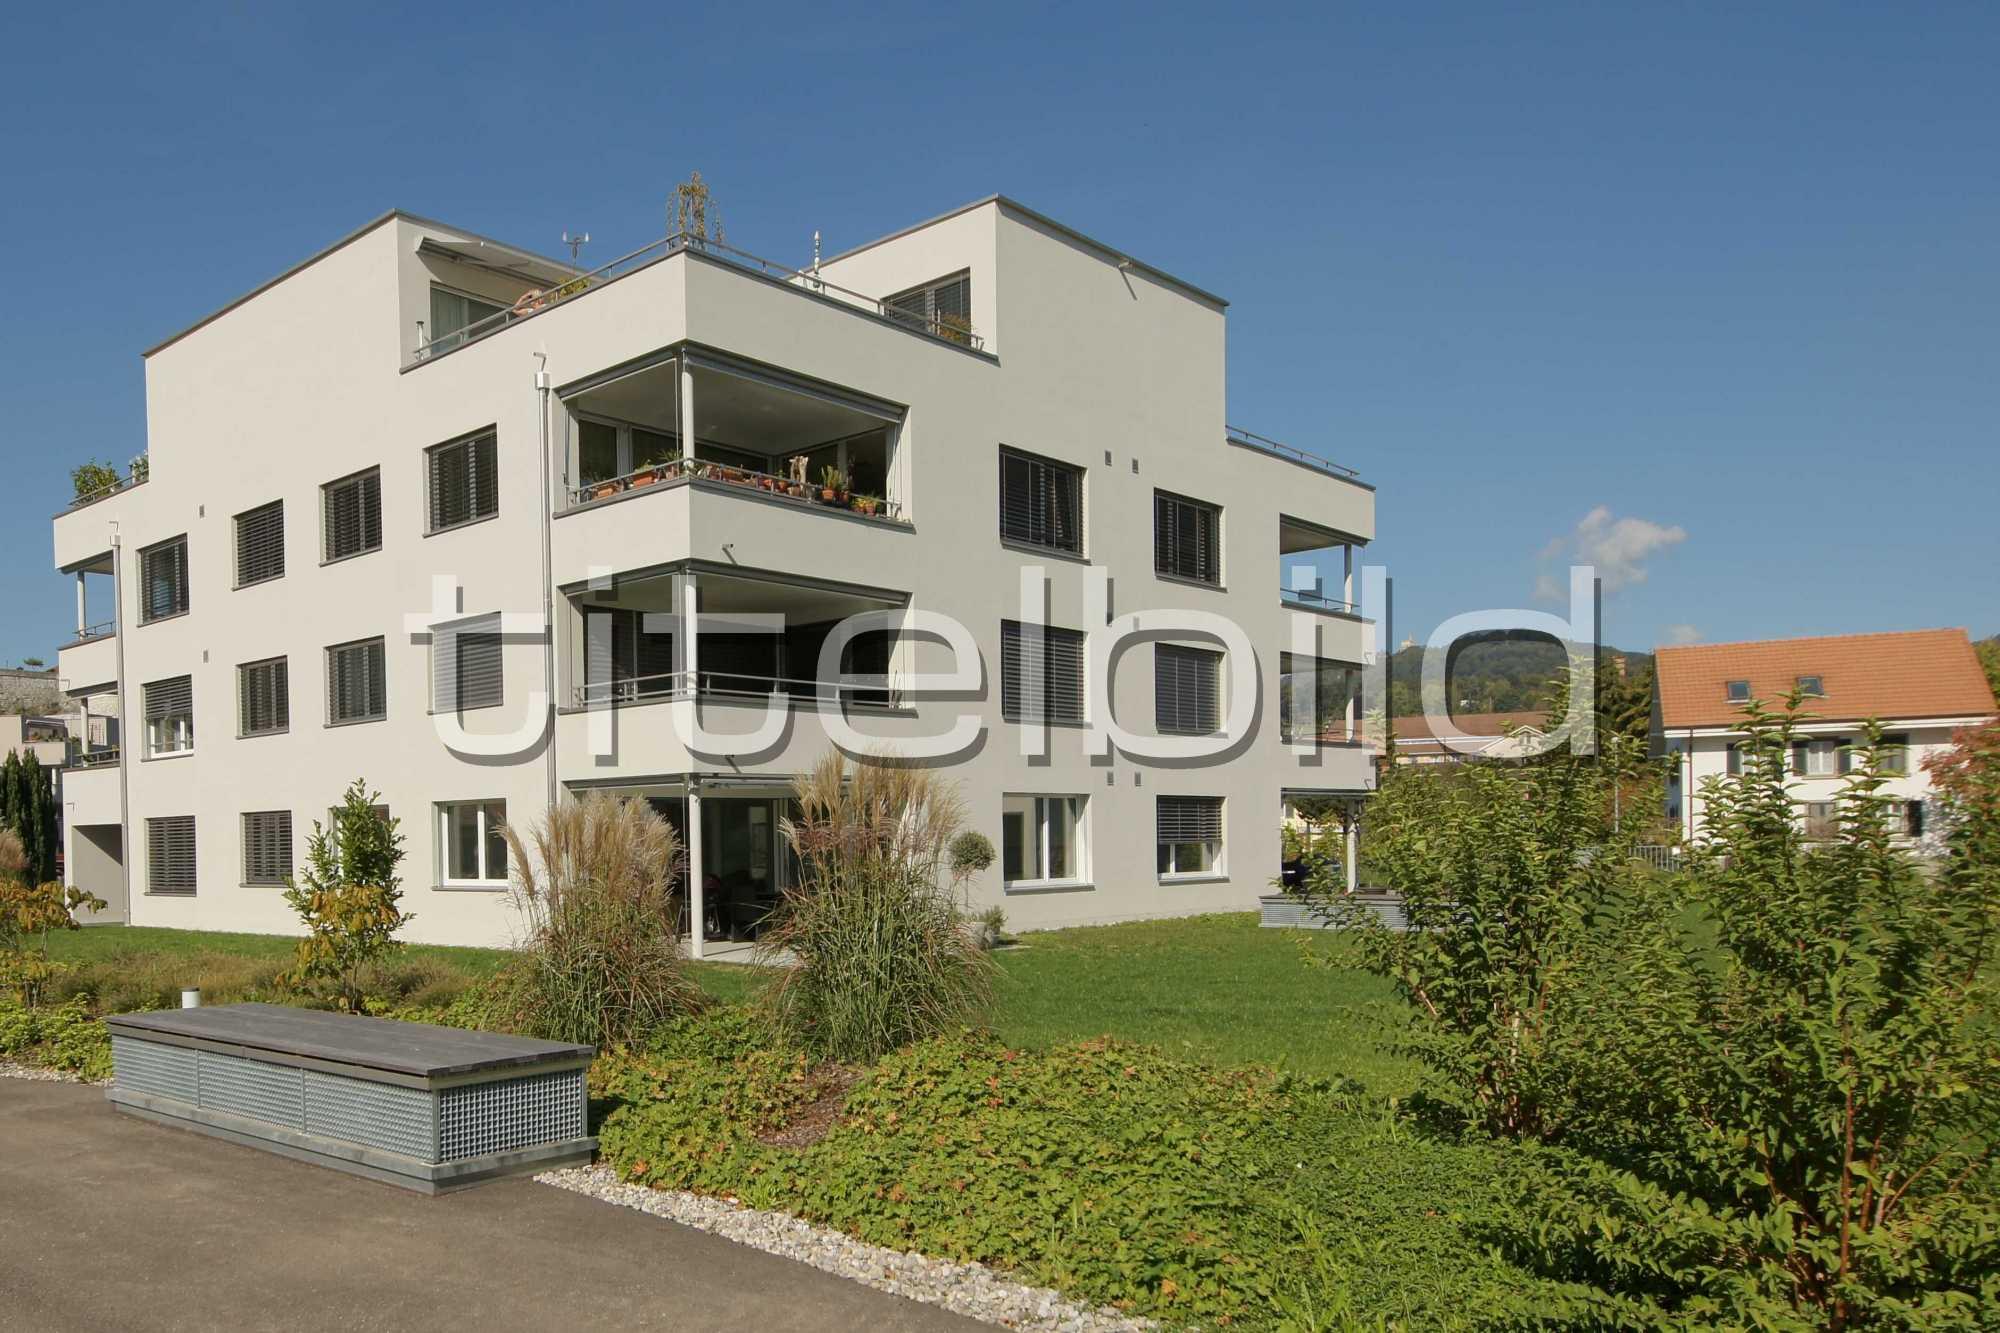 Projektbild-Nr. 3: Wohnüberbauung Paradiesli